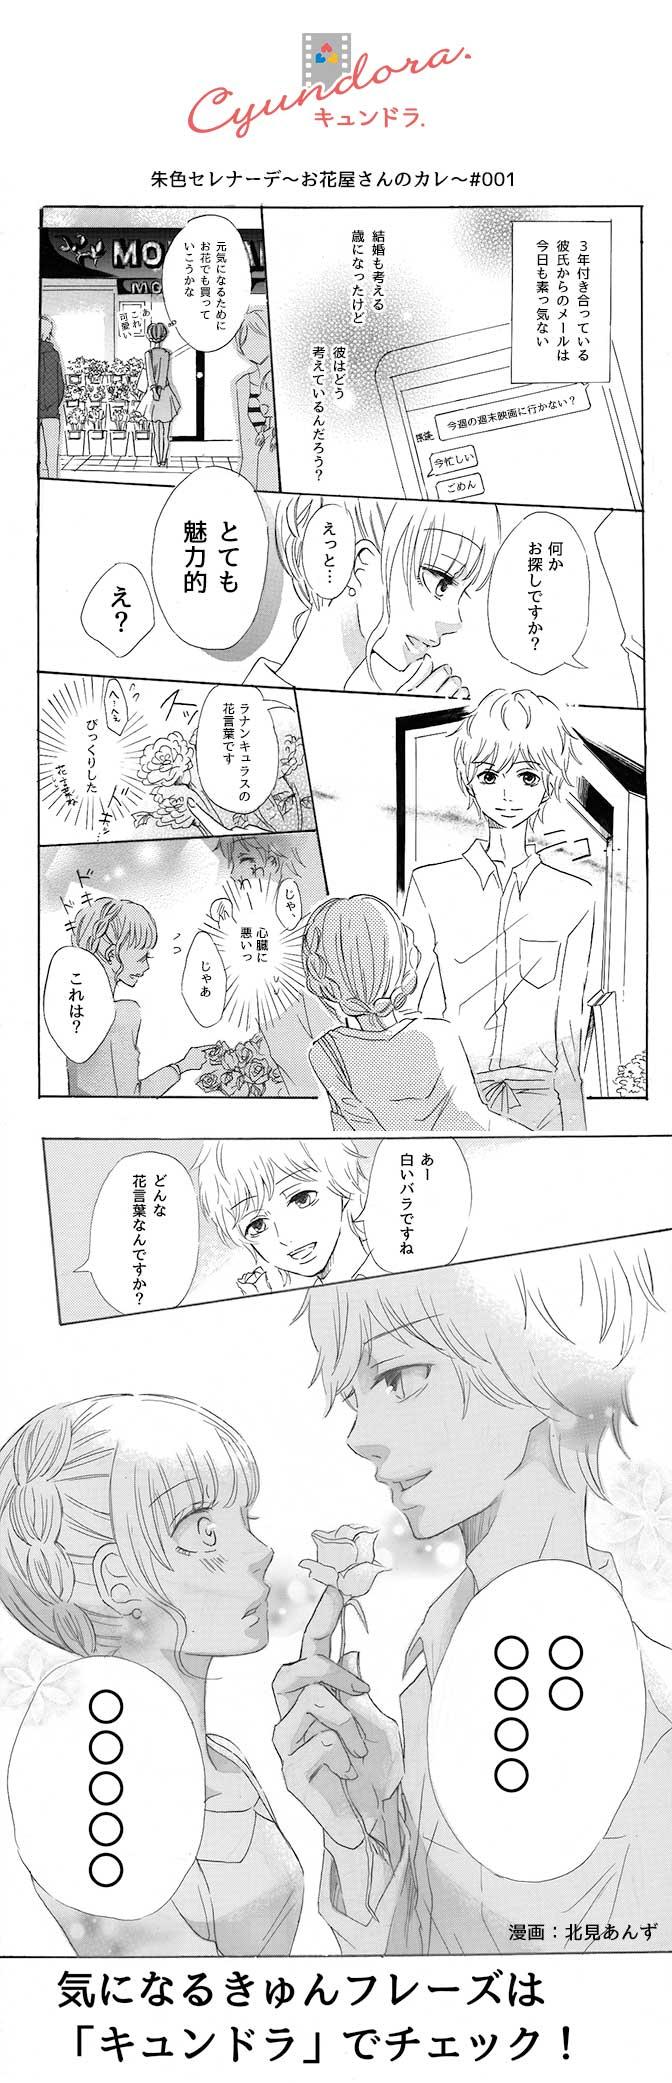 【妄想マンガ】朱色セレナーデ1~お花屋さんのカレ~